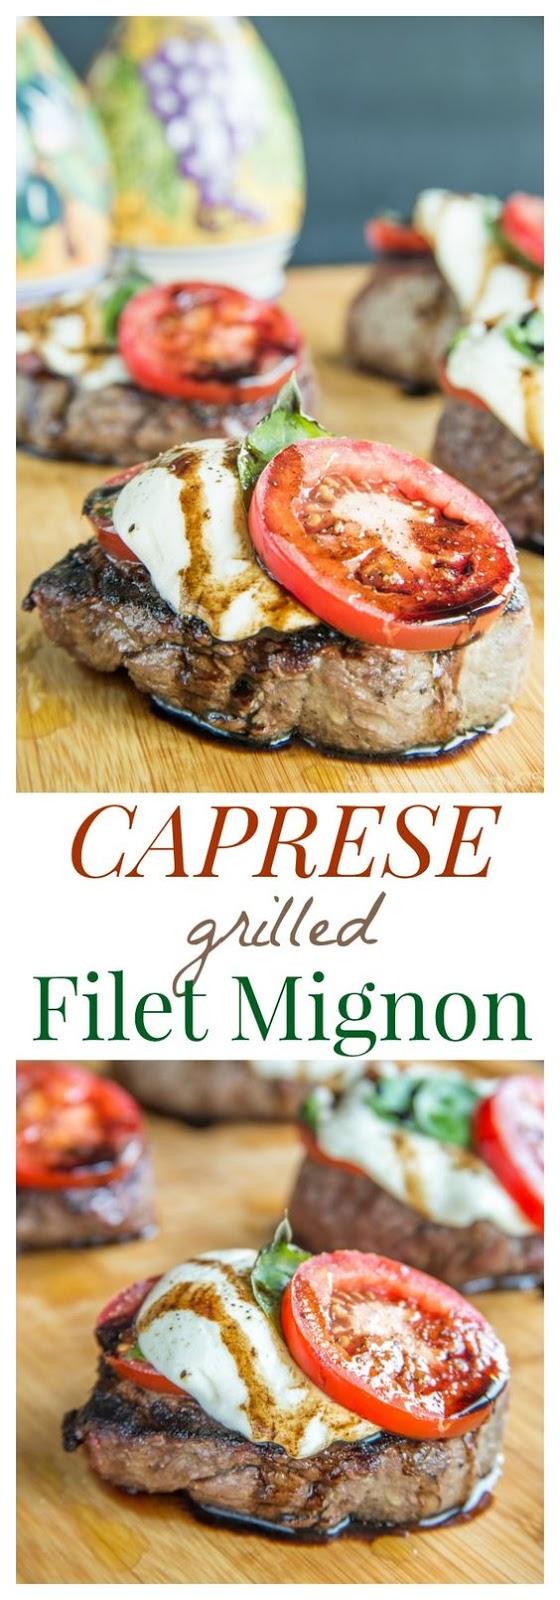 Caprese Grilled Filet Mignon